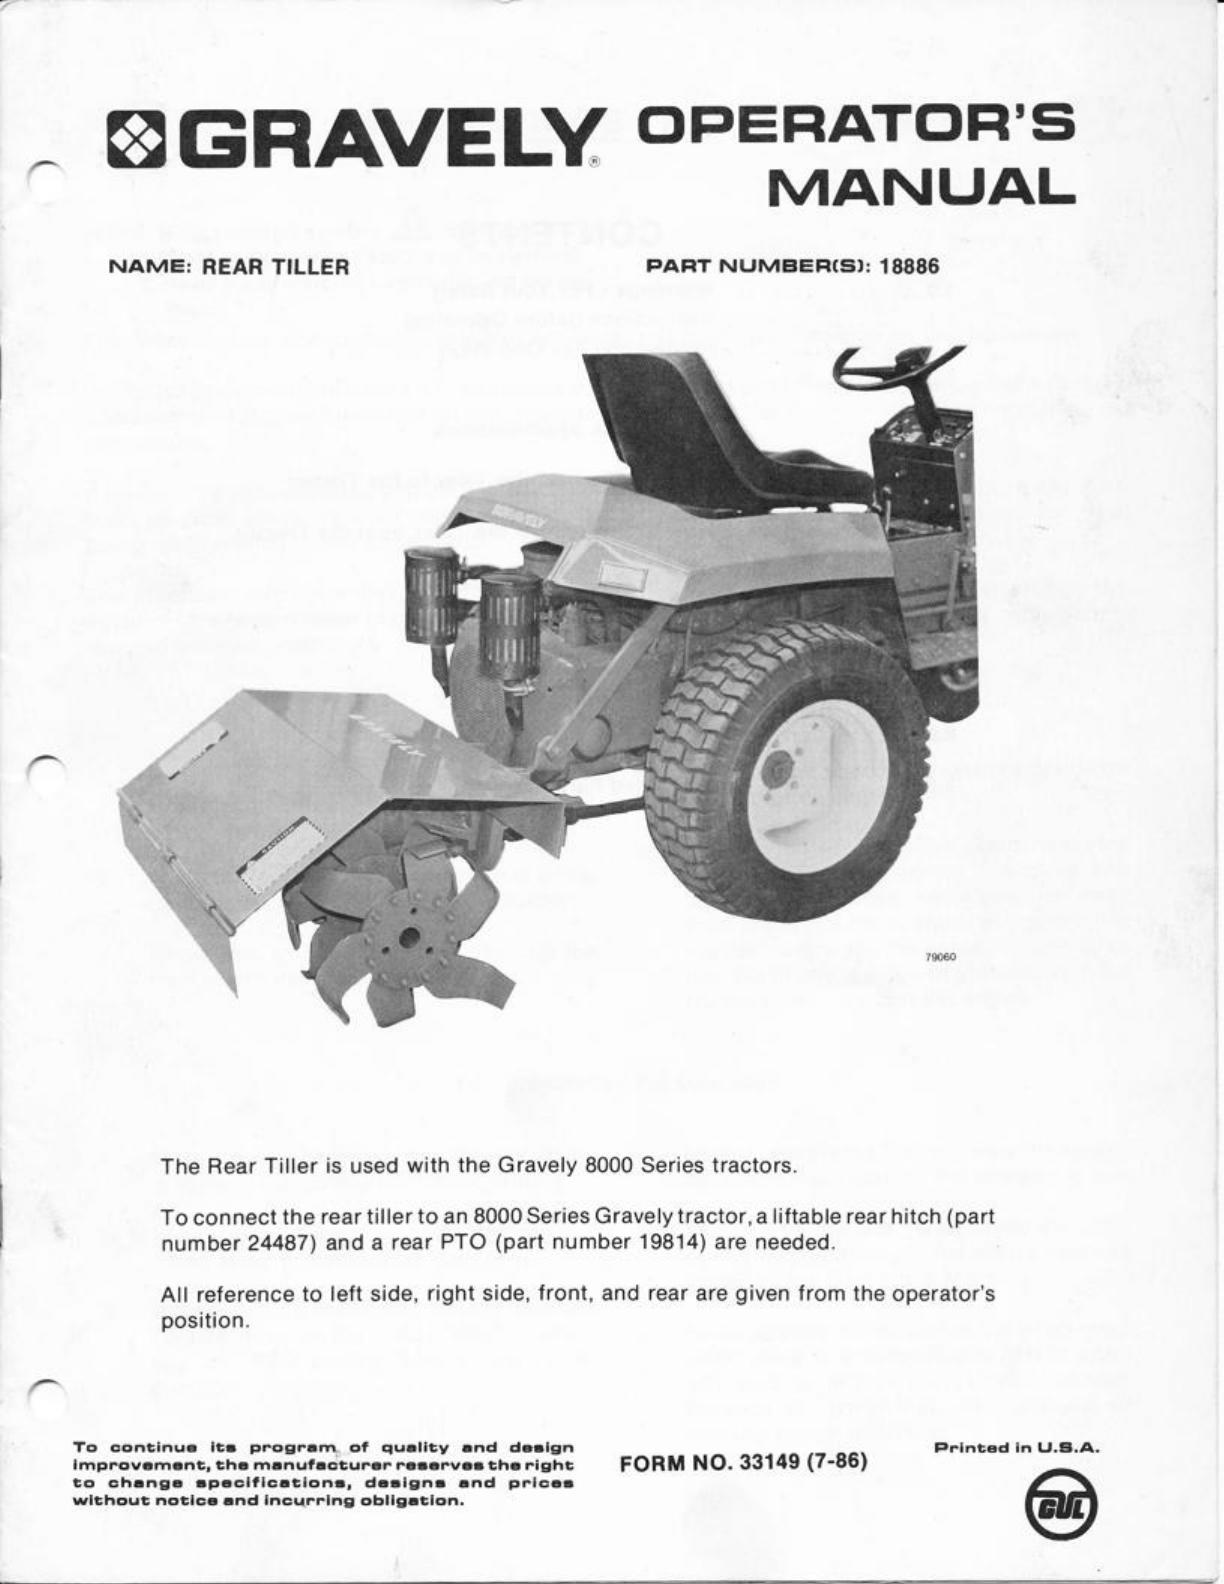 gravely tiller 8000 user guide manualsonline com rh lawnandgarden manualsonline com gravely tractor repair manual gravely tractor manuals service repair owners